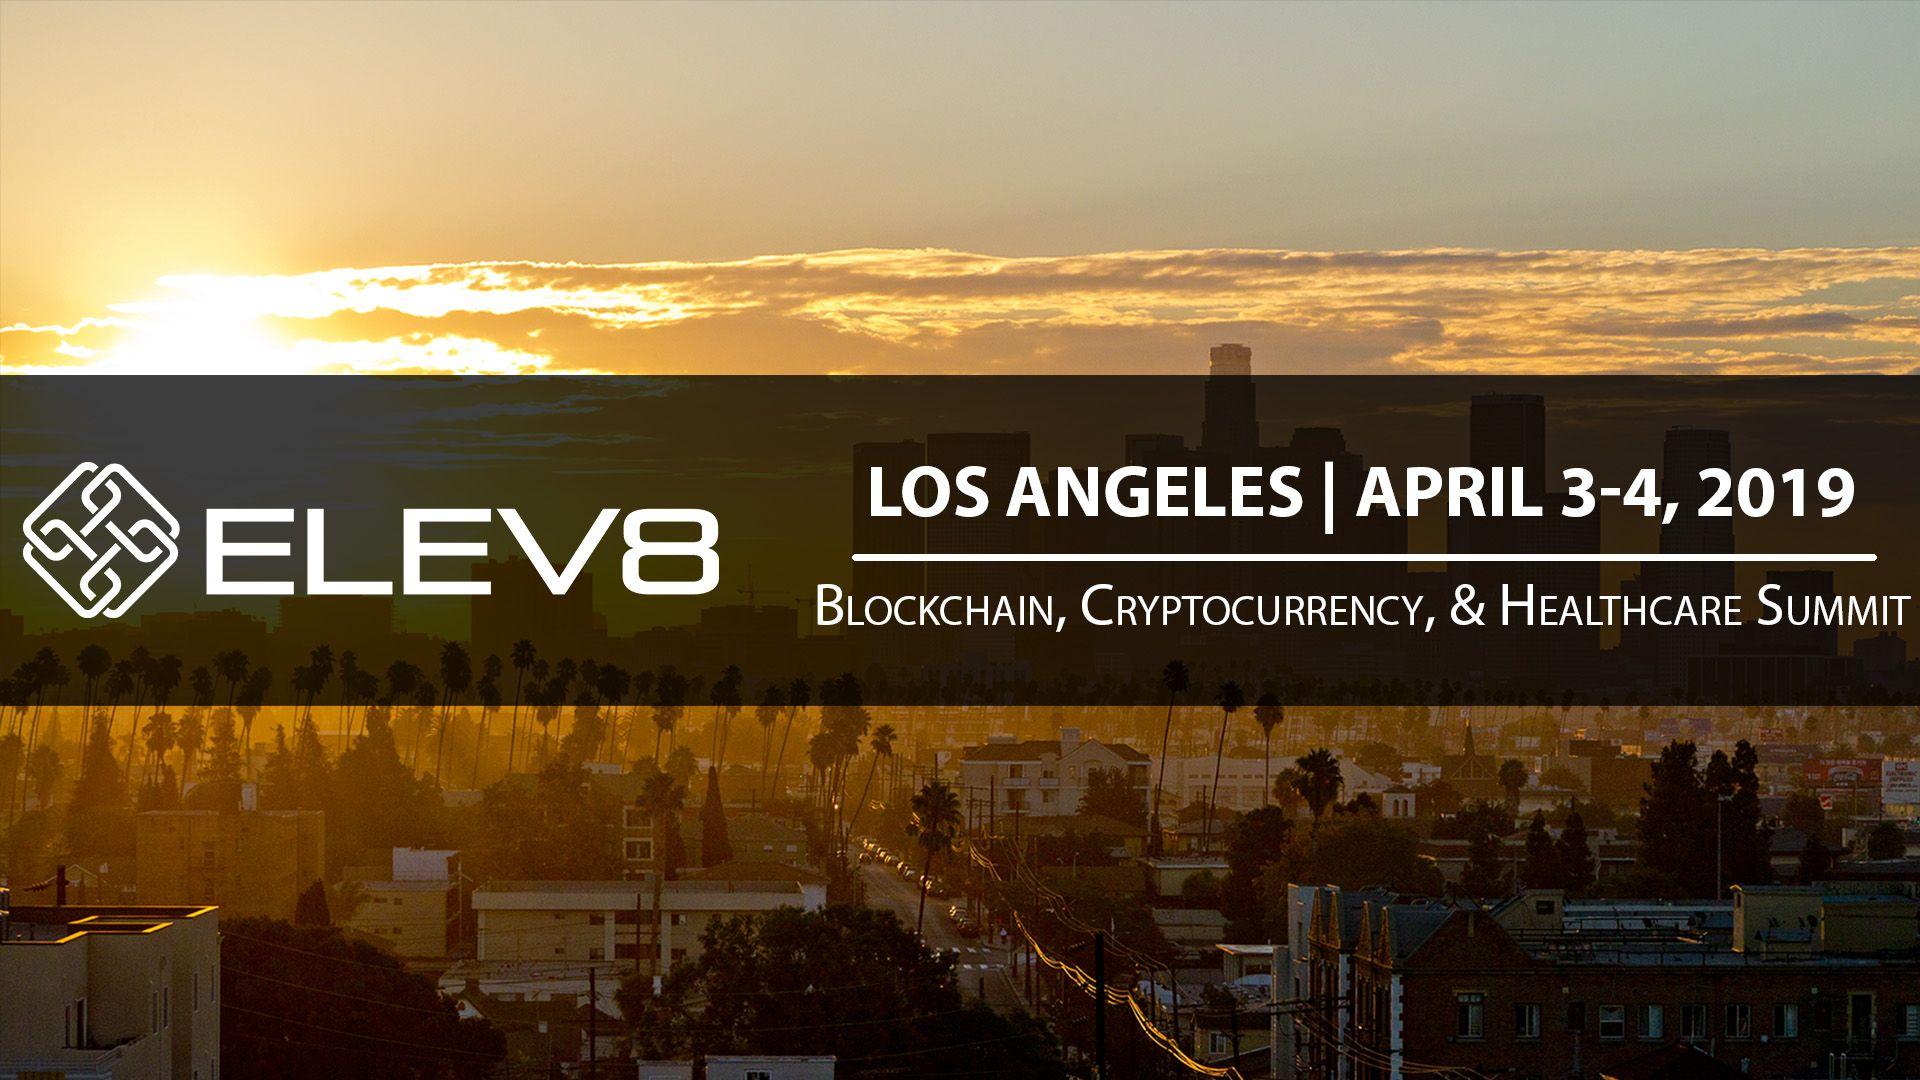 ELEV8-Los-Angeles-2019---Stock-Promo-Image